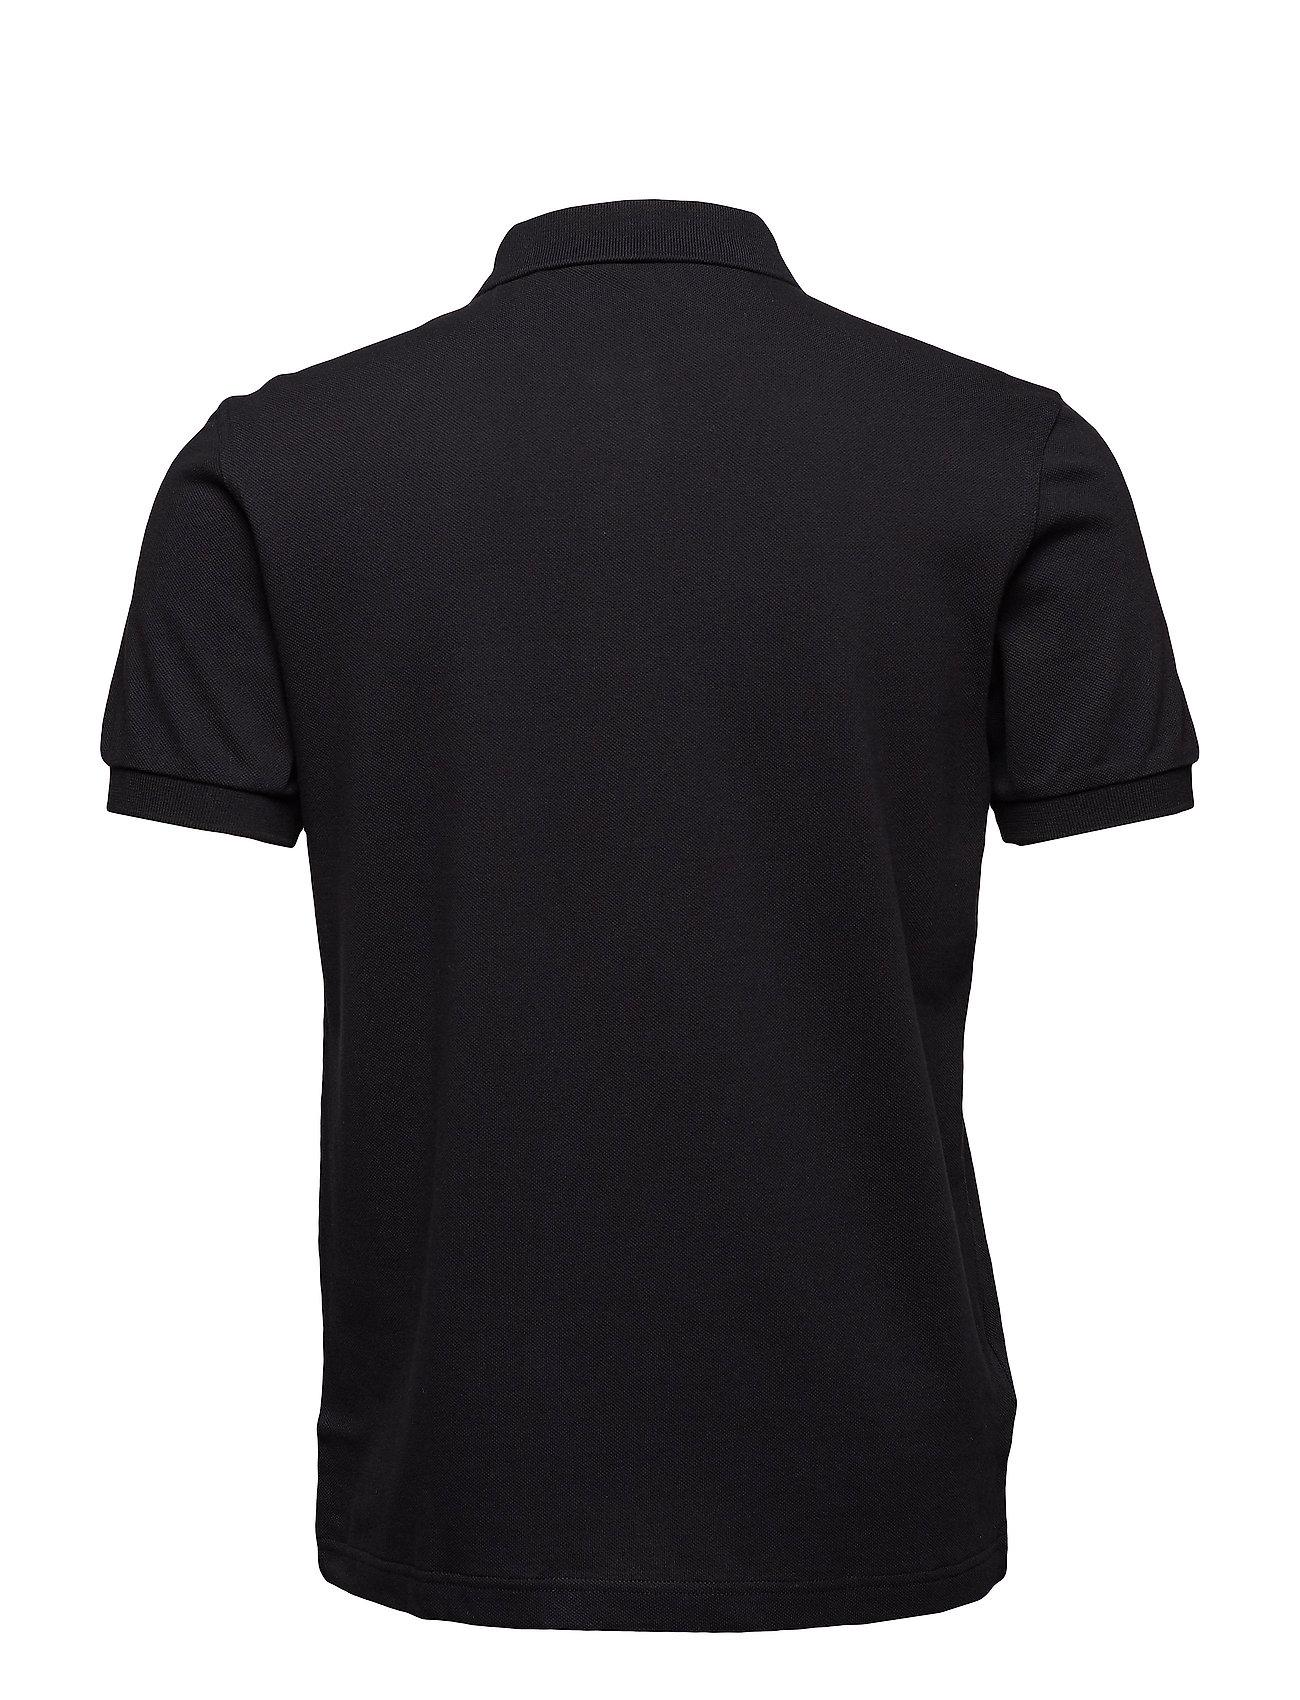 Fred Perry PLAIN FP SHIRT - Poloskjorter BLACK/CHROME - Menn Klær